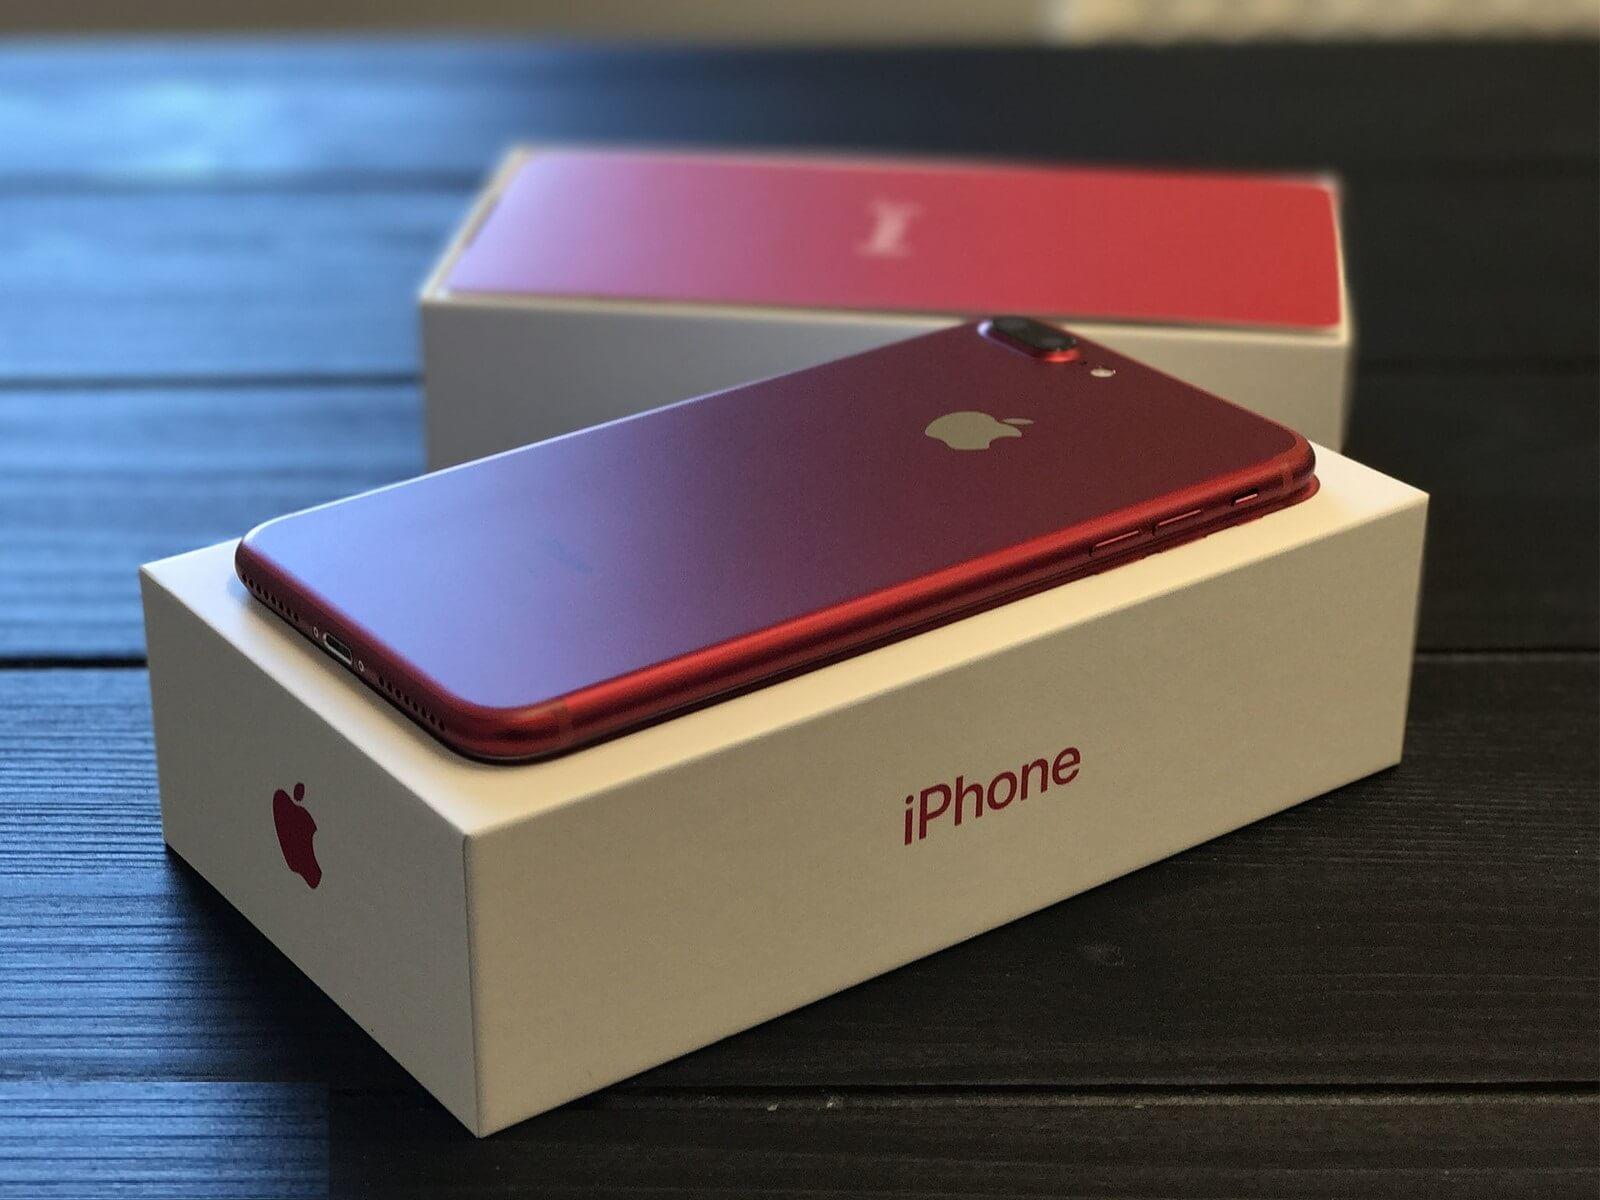 iPhone 7 und iPhone 7 Plus Farbe Rot, Gold, Roségold, Silber, Schwarz, Jet Schwarz